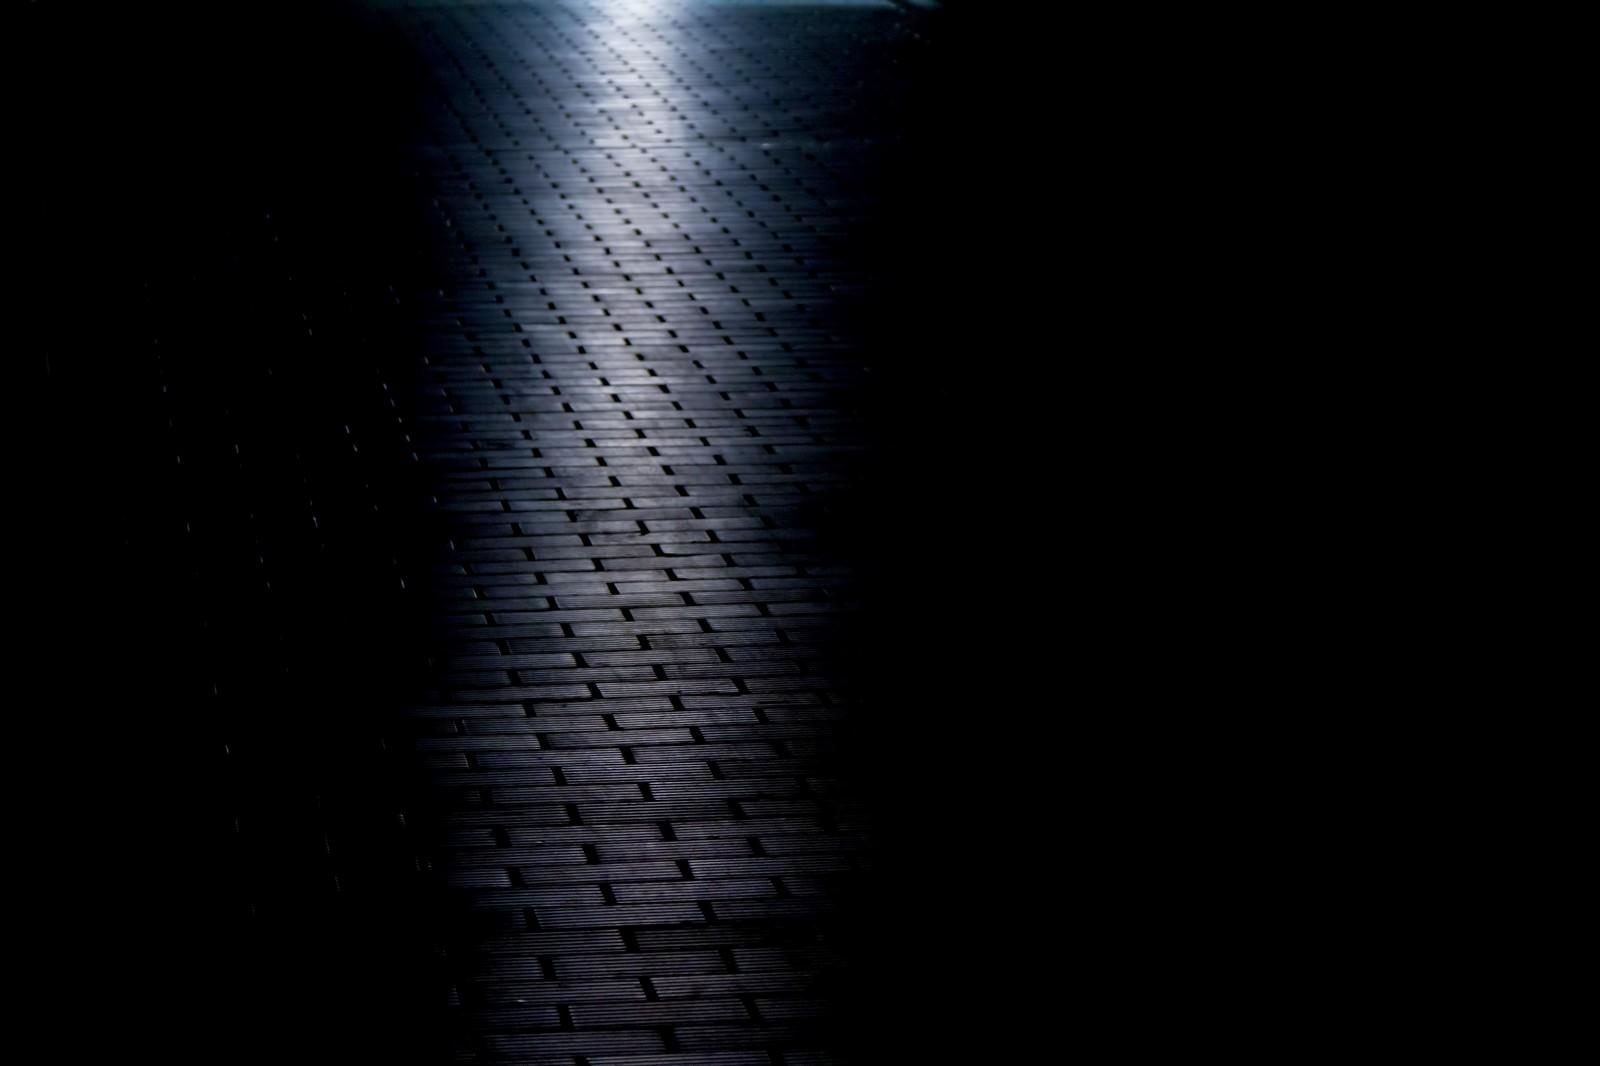 「光が射すレンガの道   ぱくたそフリー素材」の写真